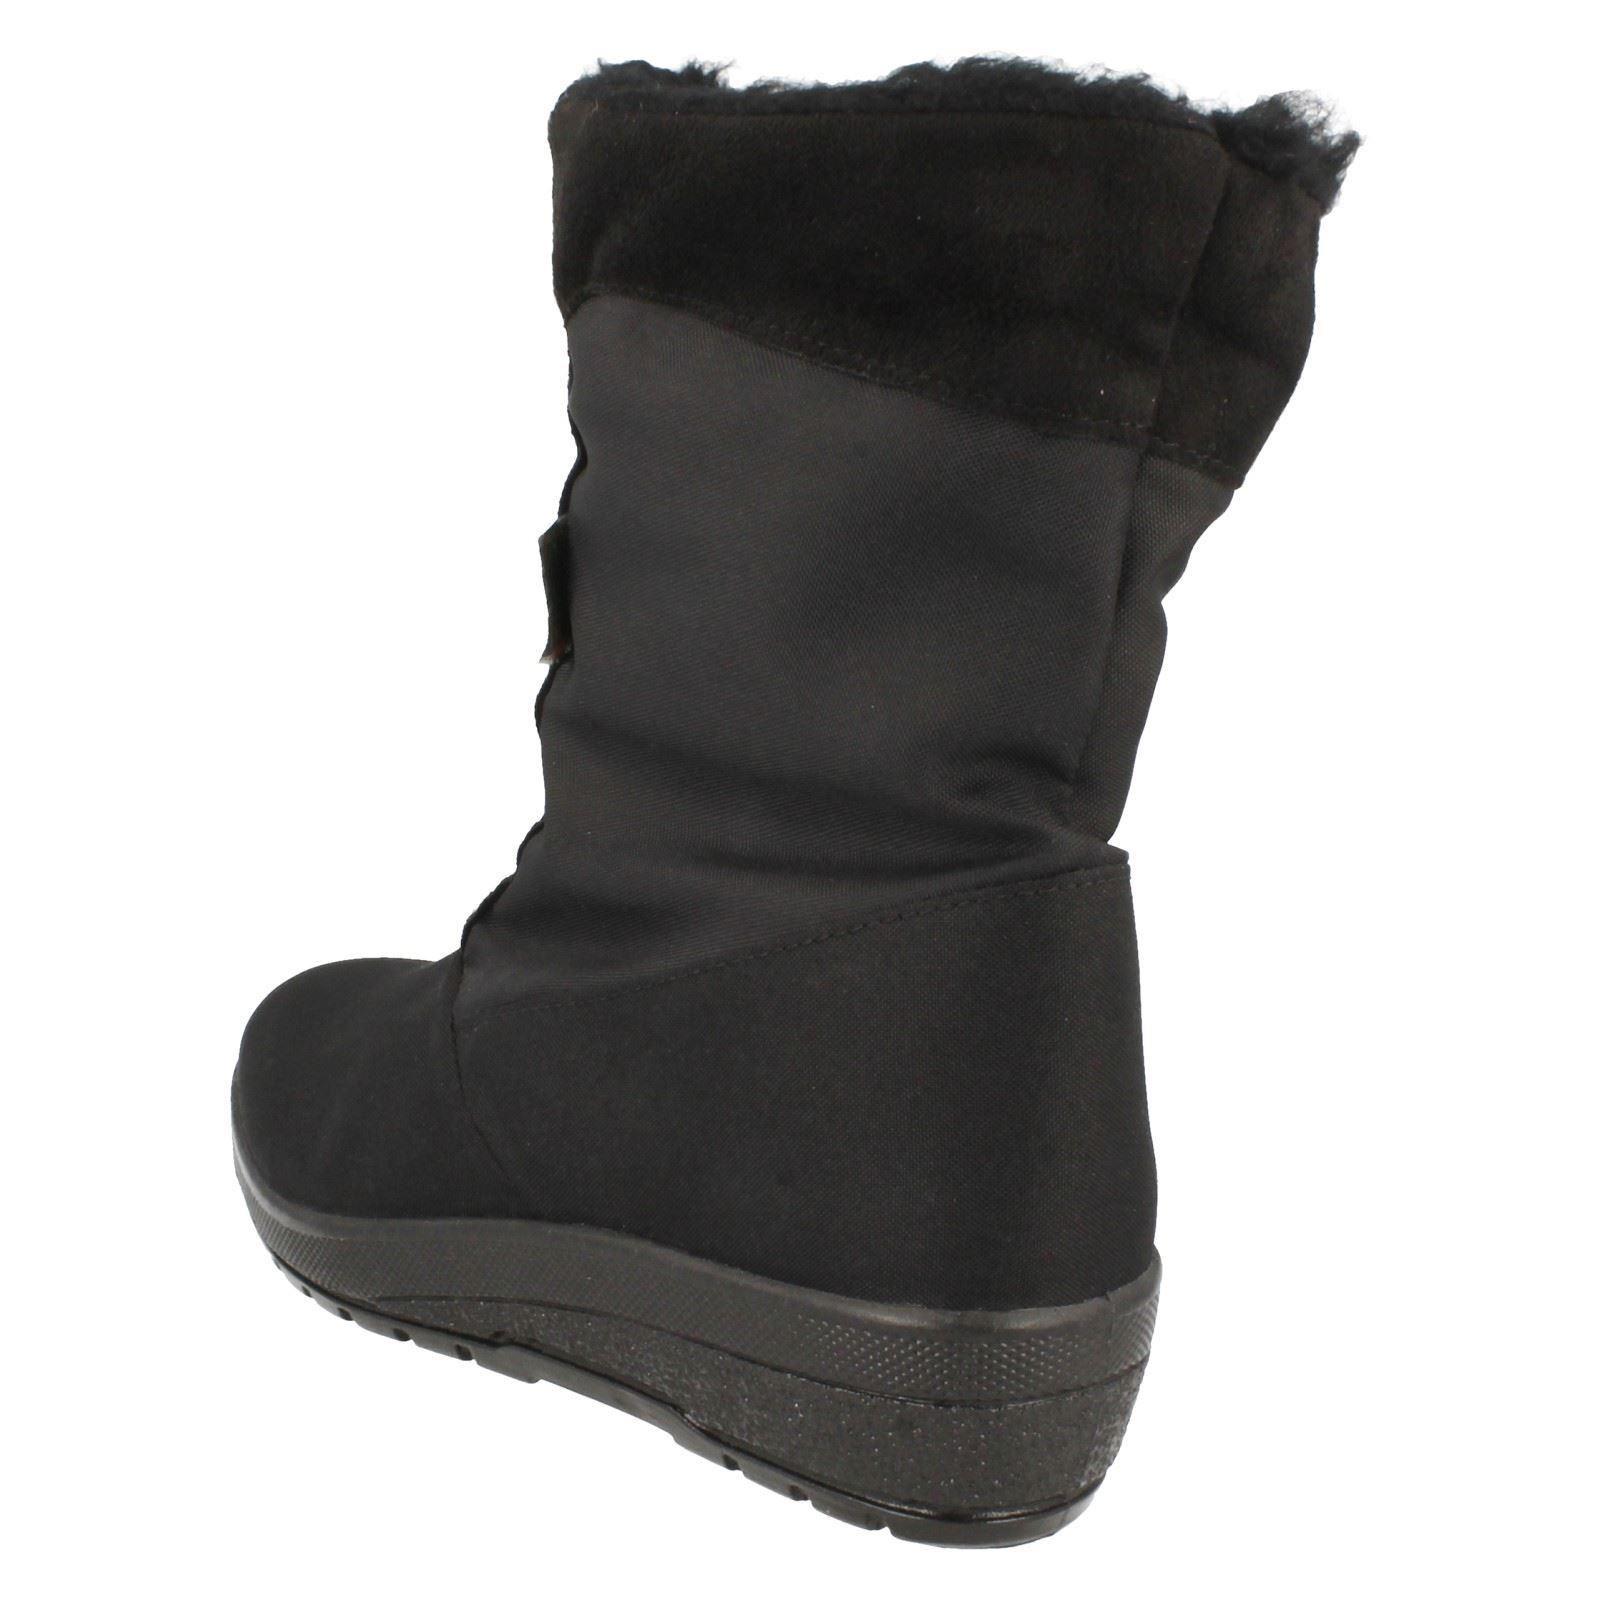 Womens T-Tex Fur Snow Lined Snow Fur Boots '8.732207' dd44a8